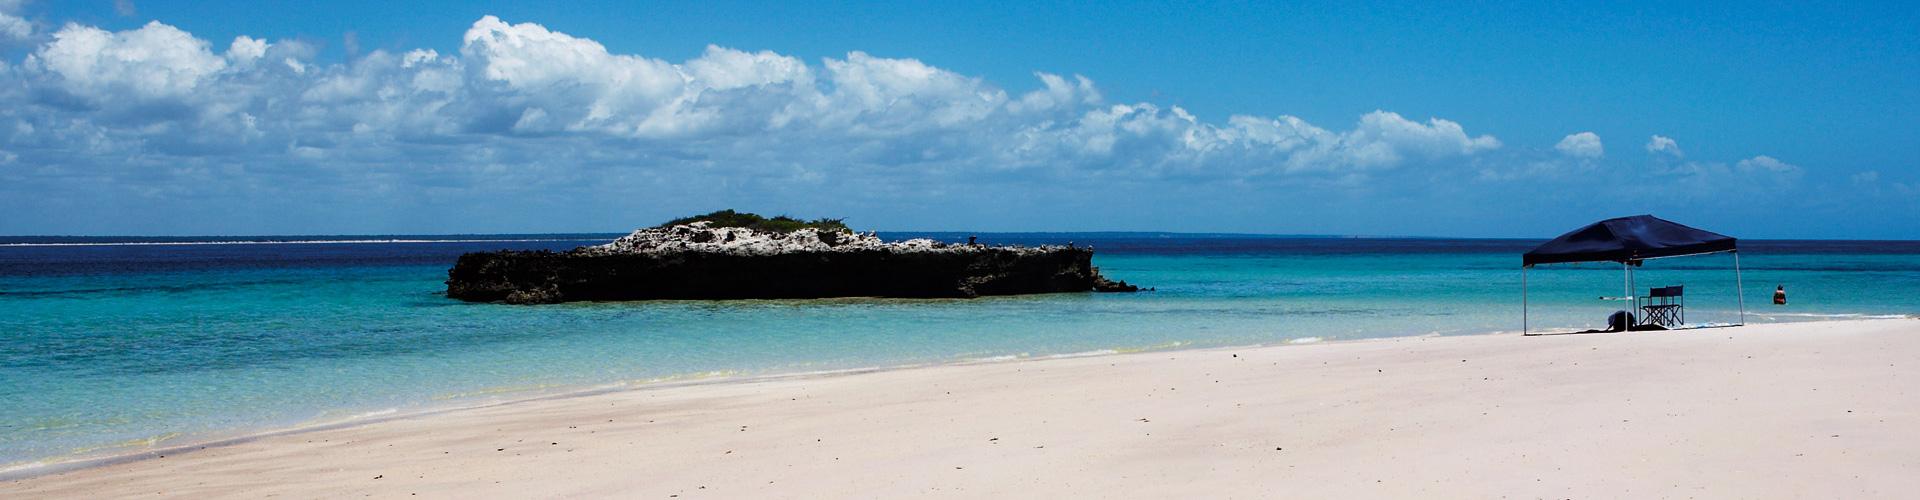 Bazaruto Archipelago Beach Picnic